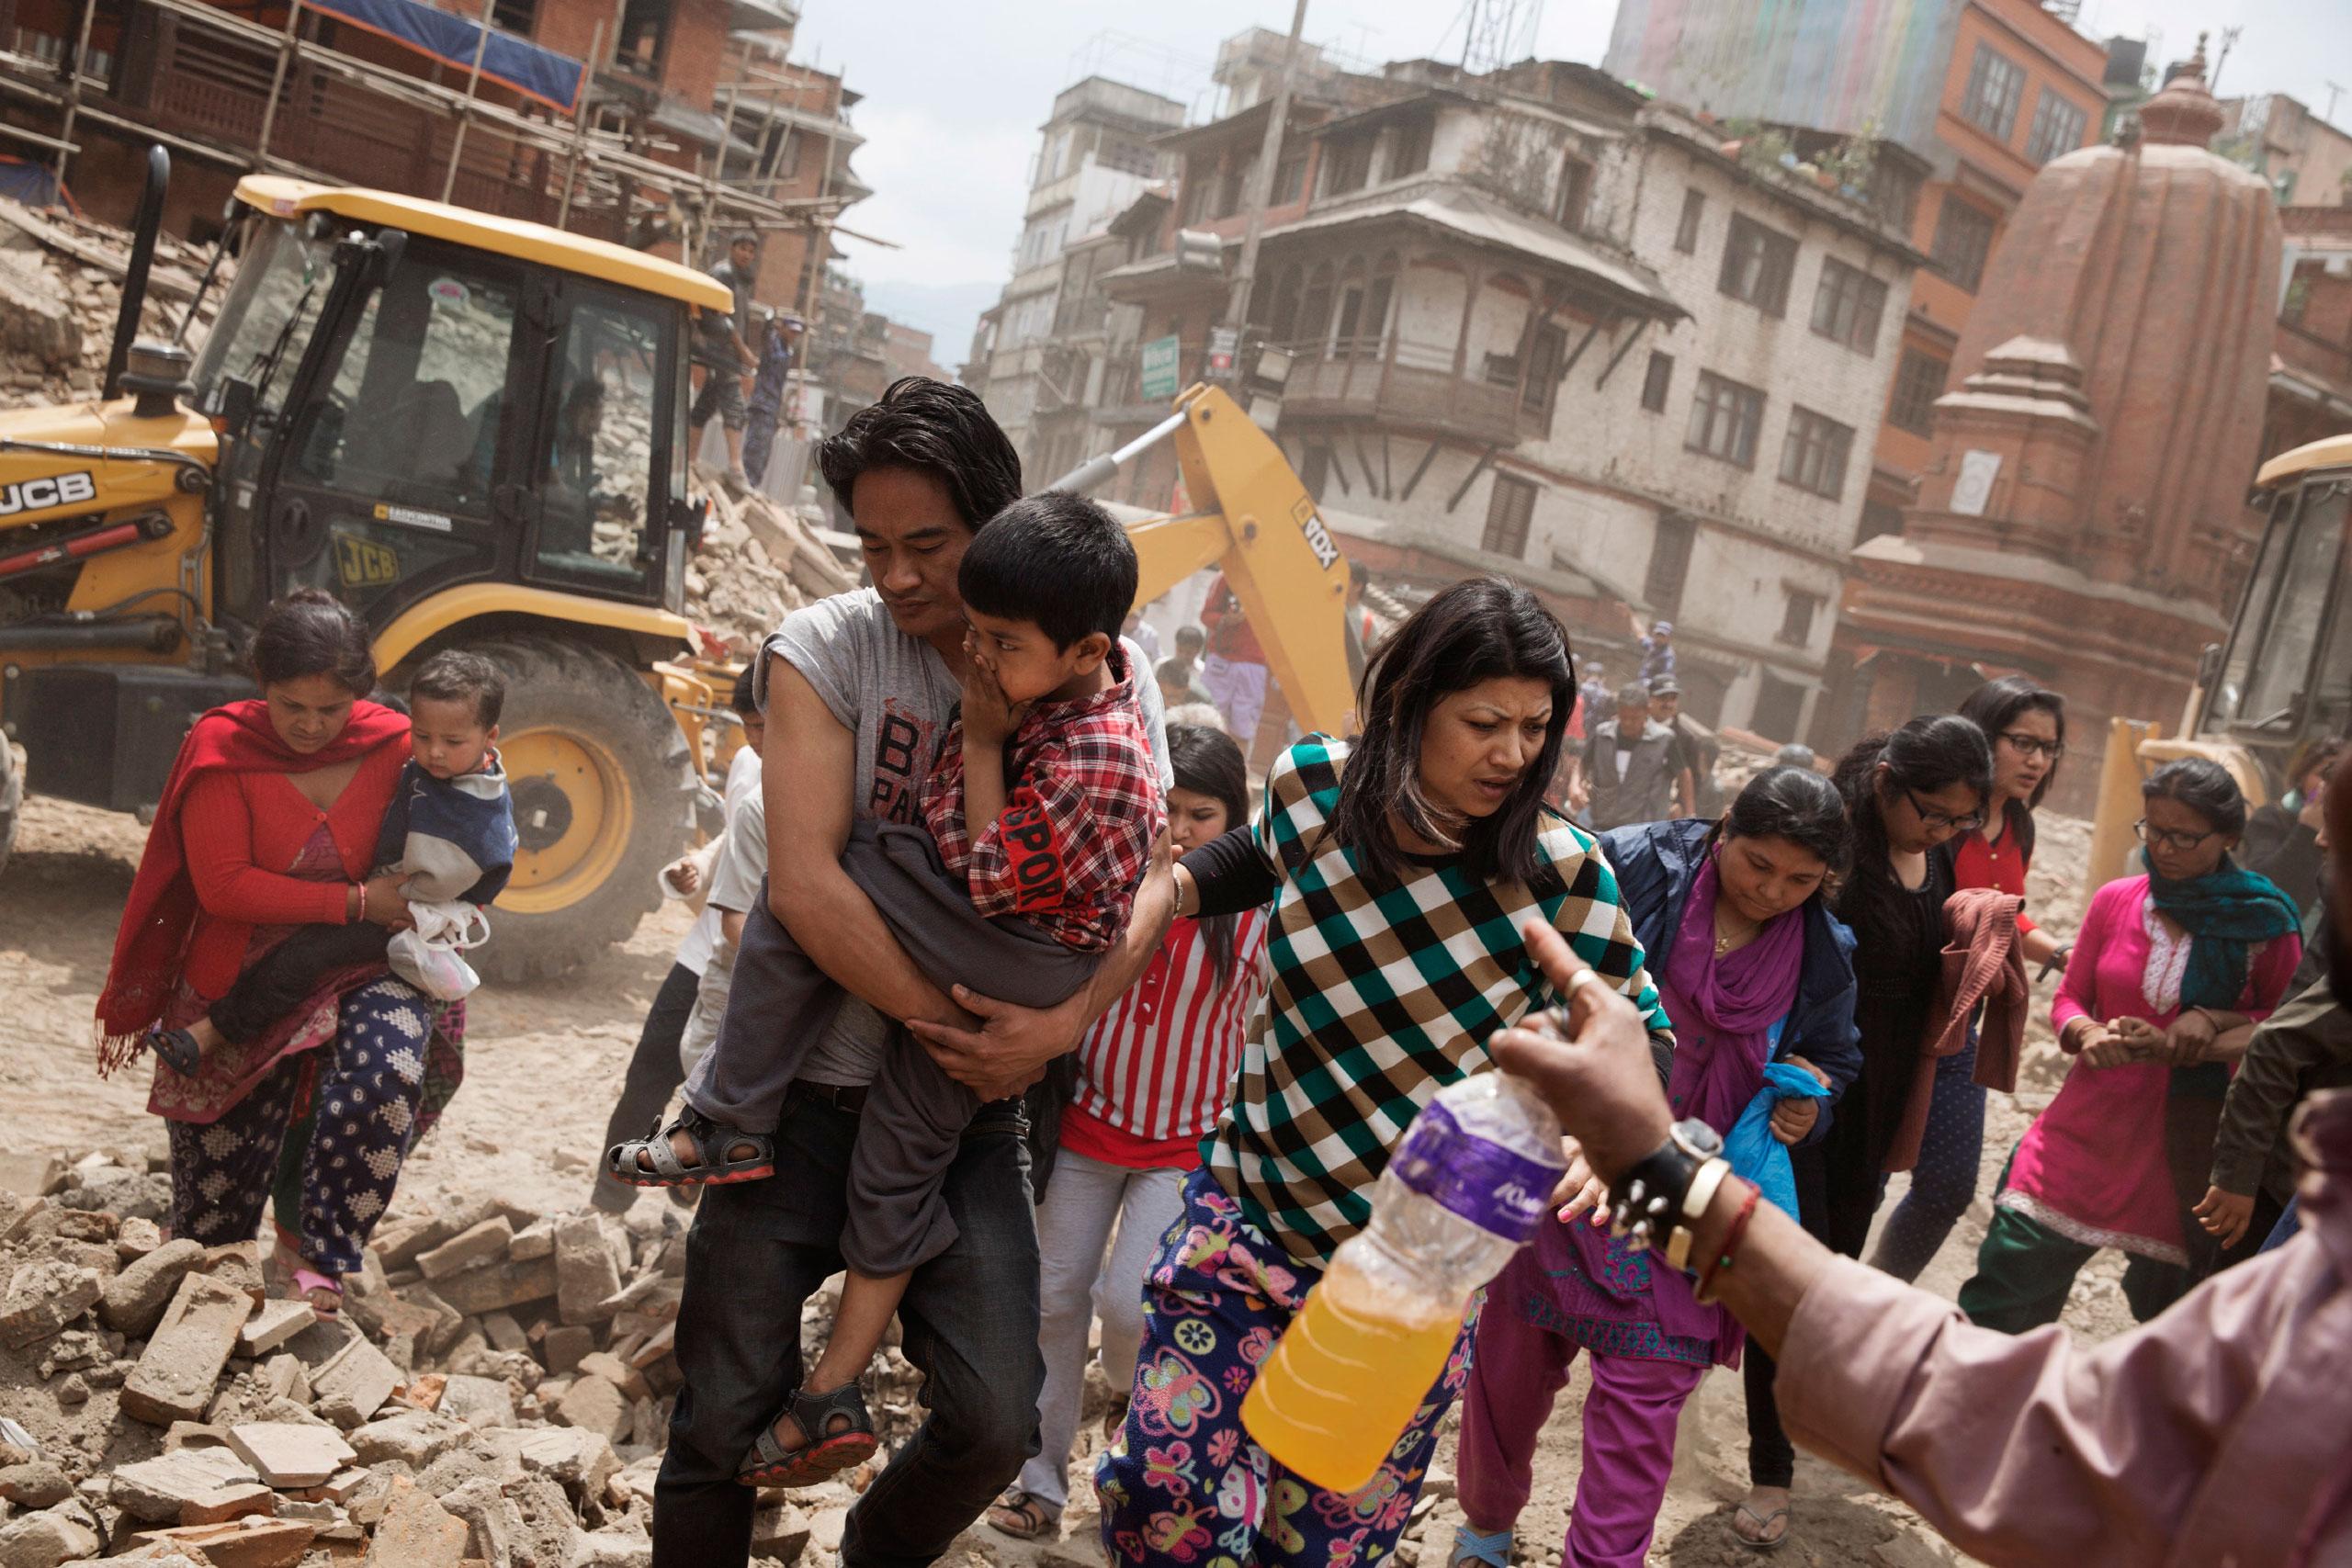 Nepalese people flee buildings during an aftershock in Kathmandu, April 27, 2015.